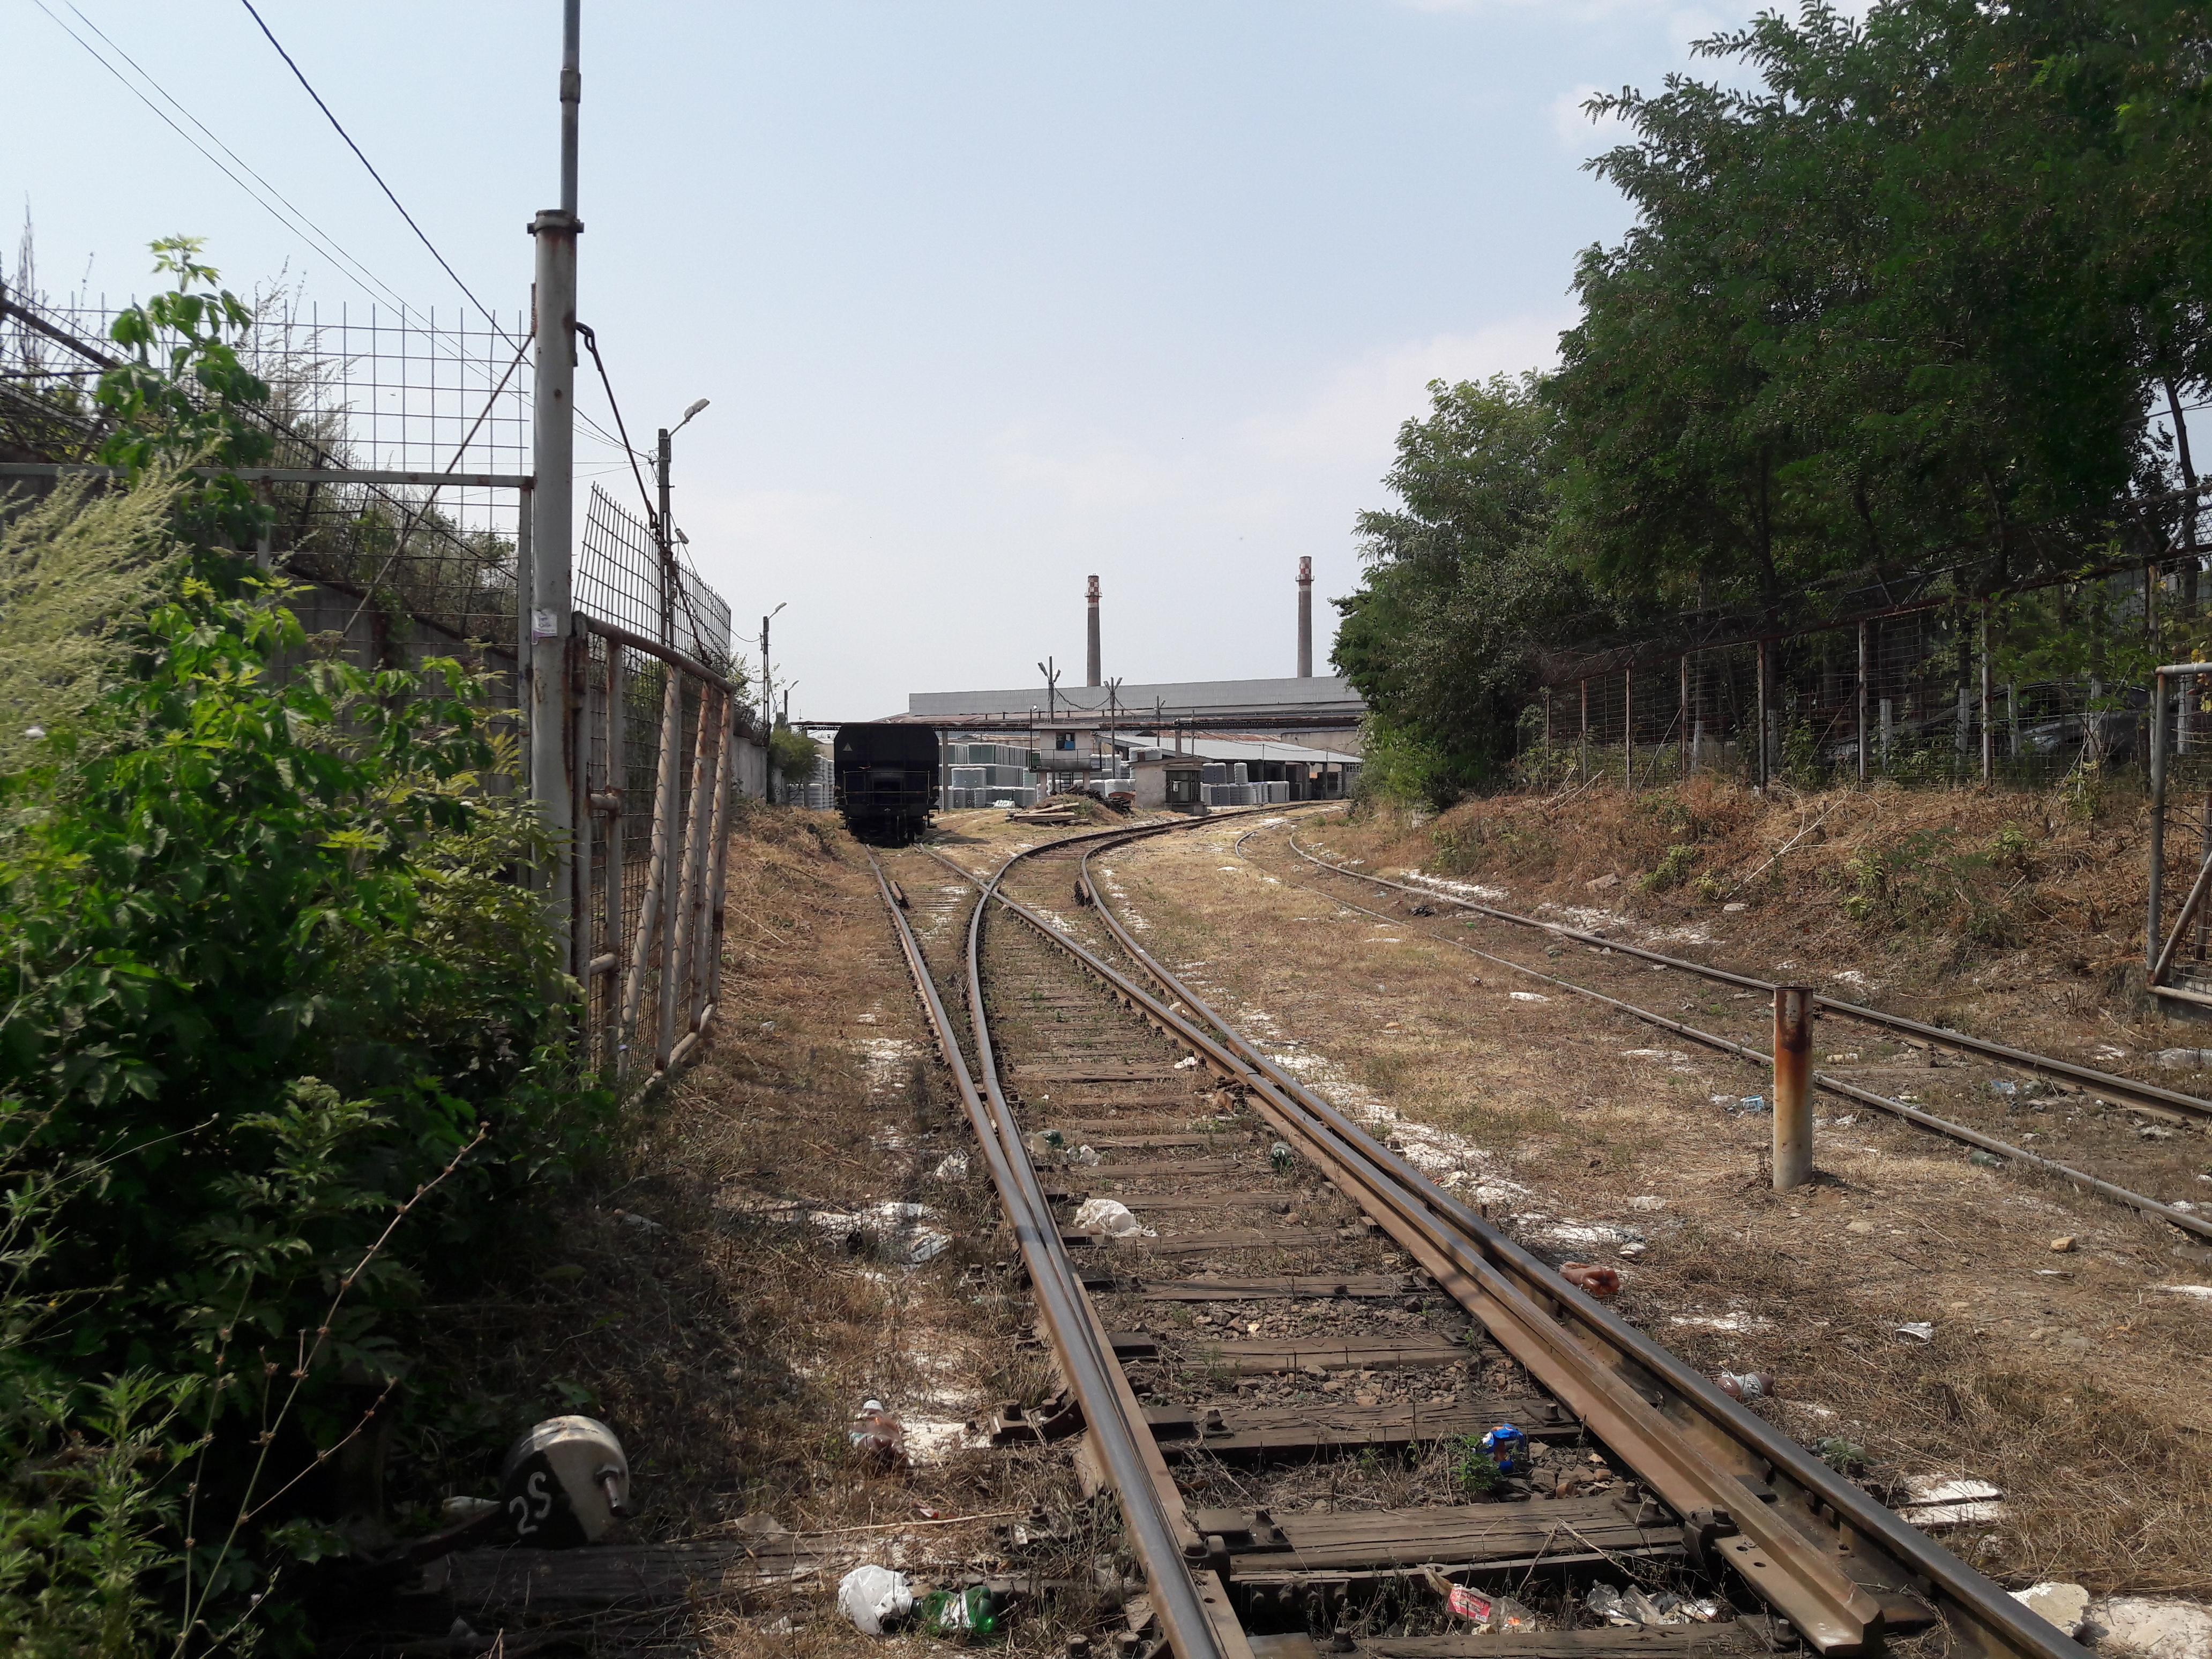 Linii industriale in Bucuresti! 20170808_131051